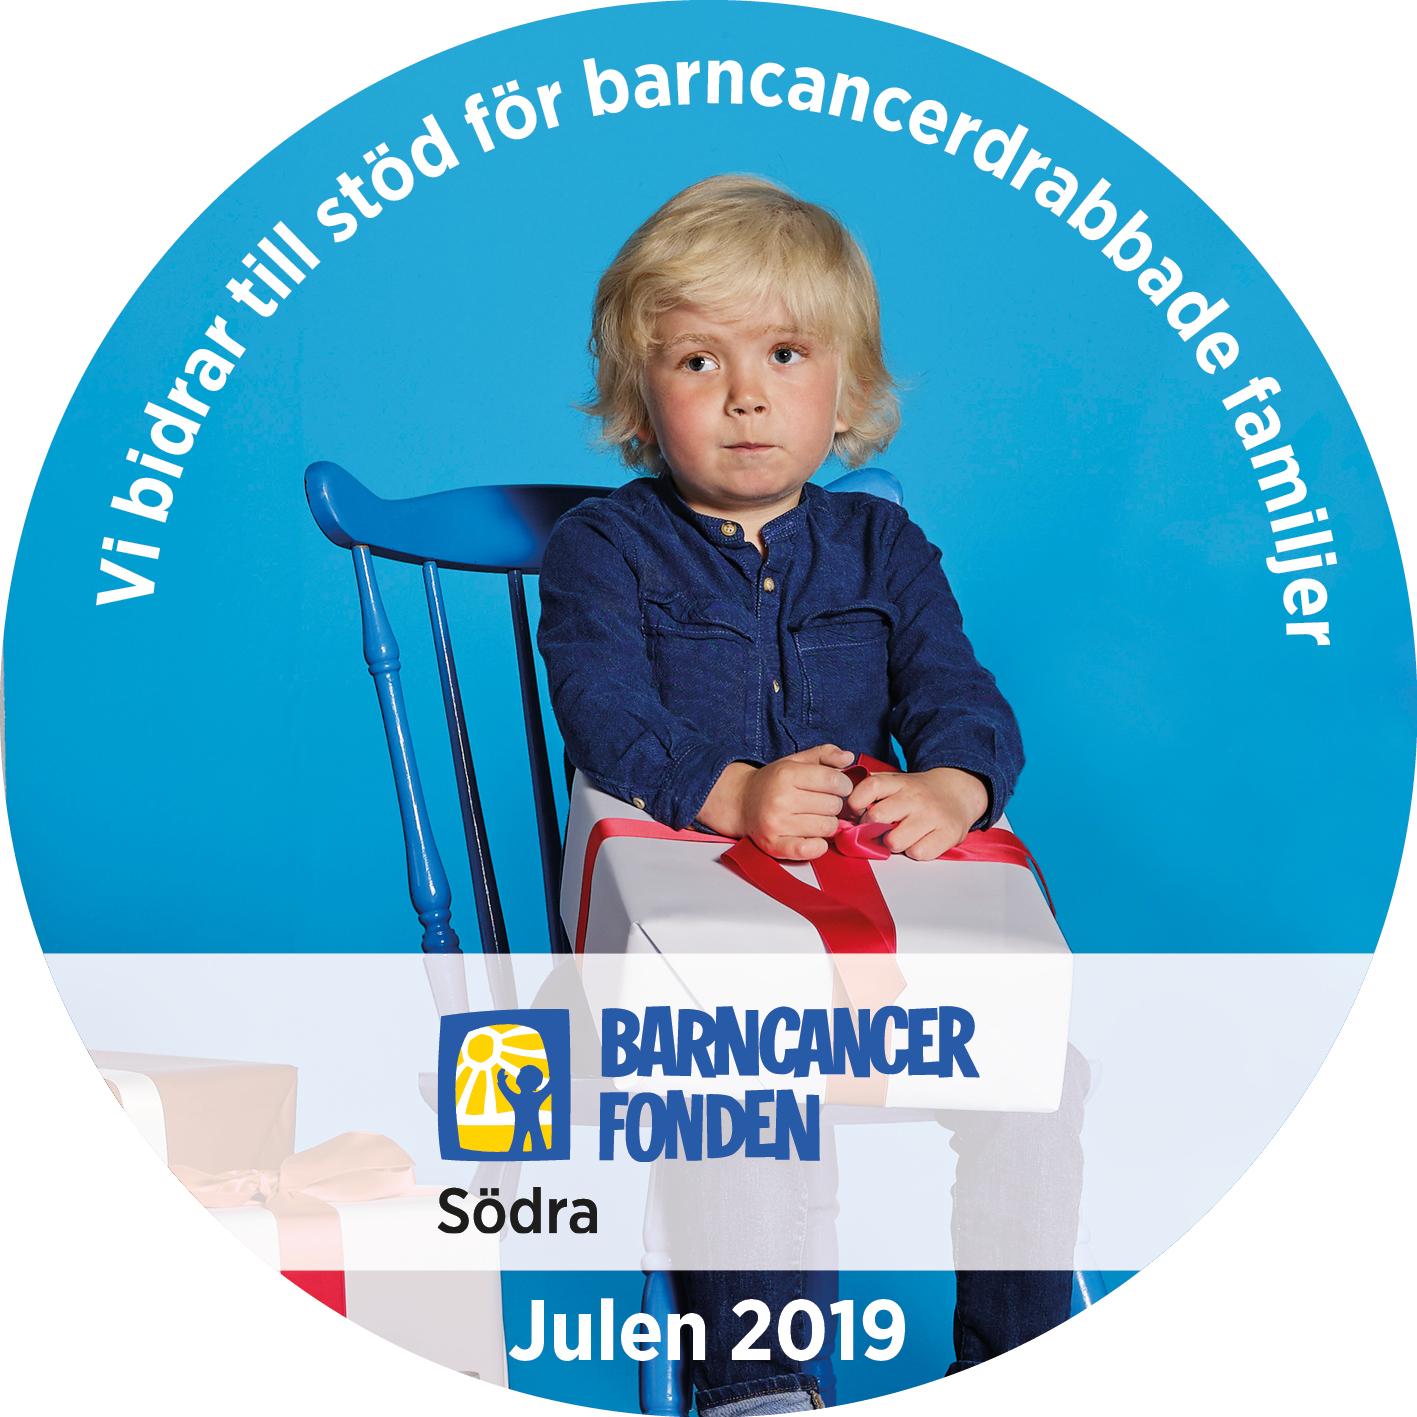 Diamir supports Barncancerfonden Södra!